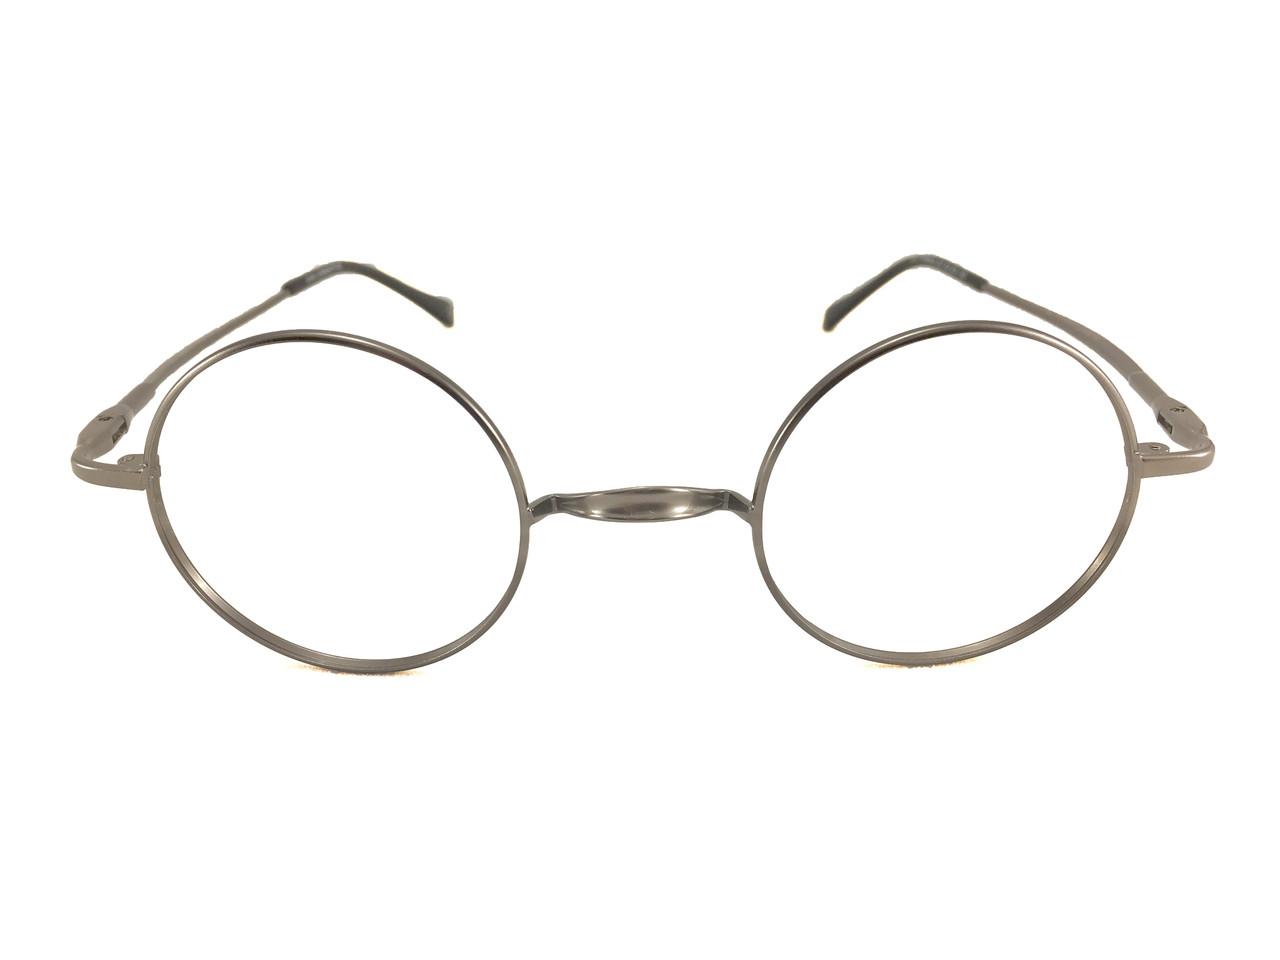 ec1f74979c John Lennon Wheels Eyeglass Frames - Gunmetal